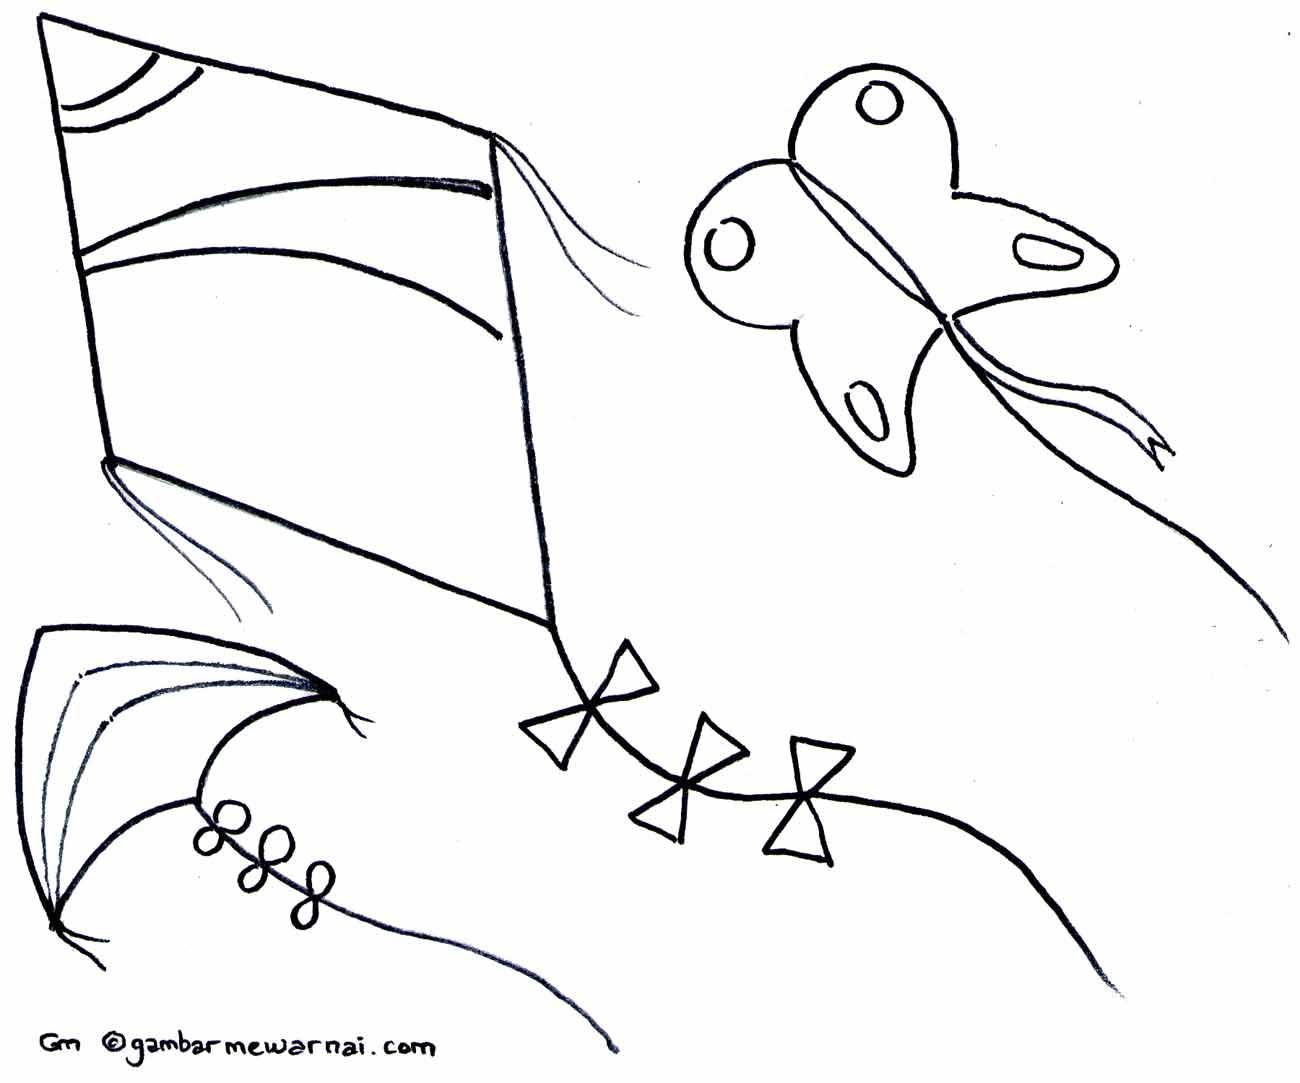 Gambar Mewarnai Jenis Burung Pewarna O